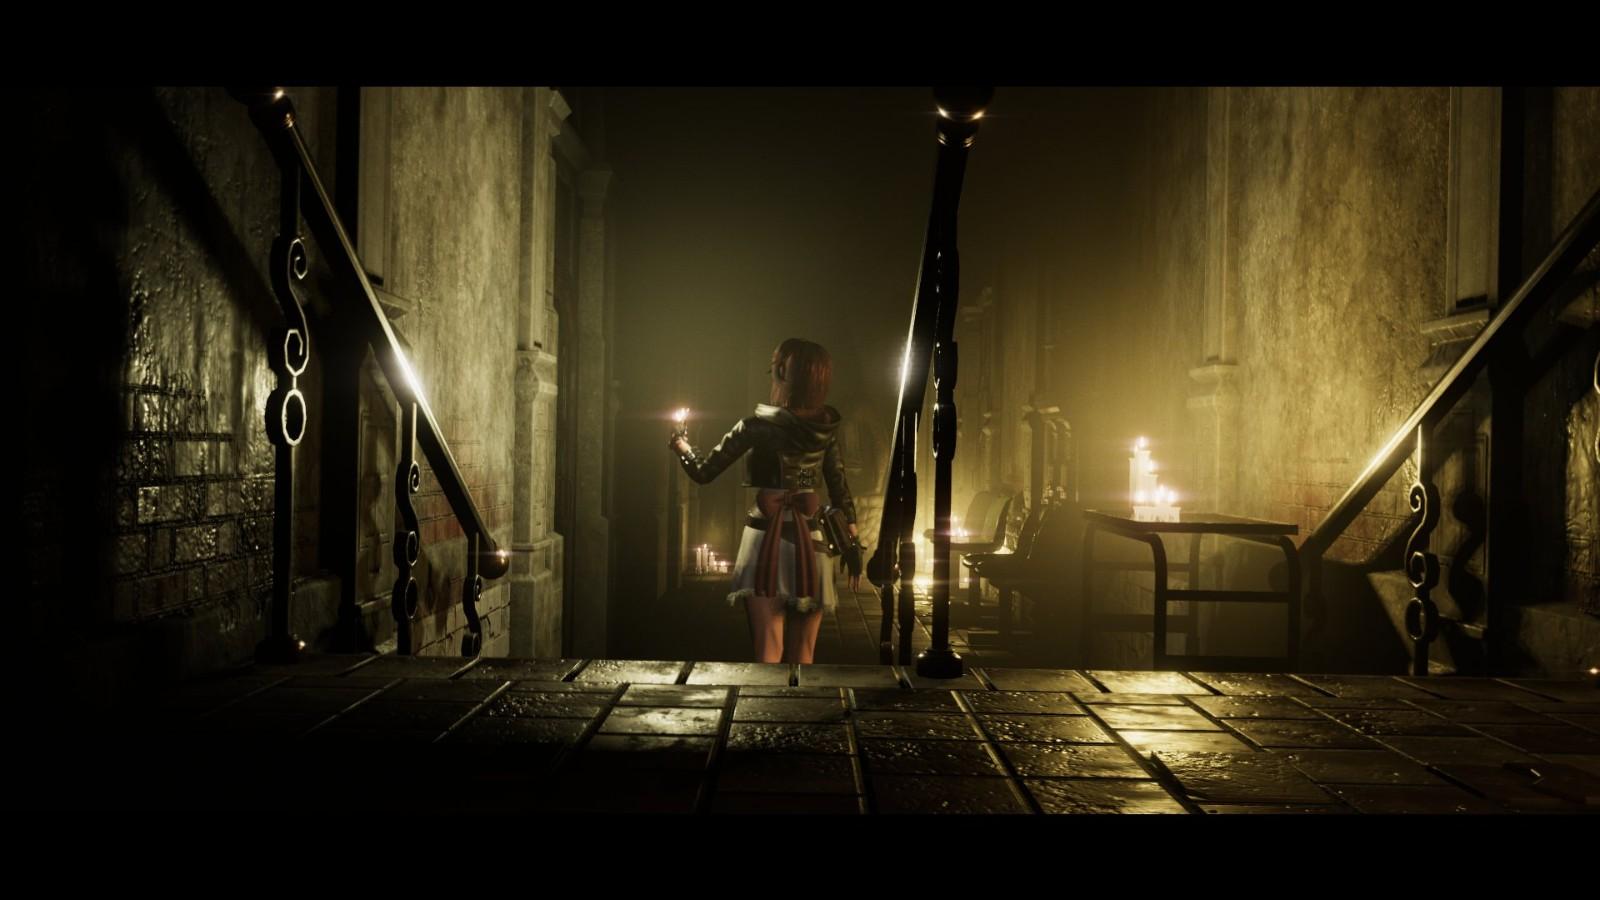 恐怖游戏《受折磨的灵魂》新截图 受生化寂静岭启发